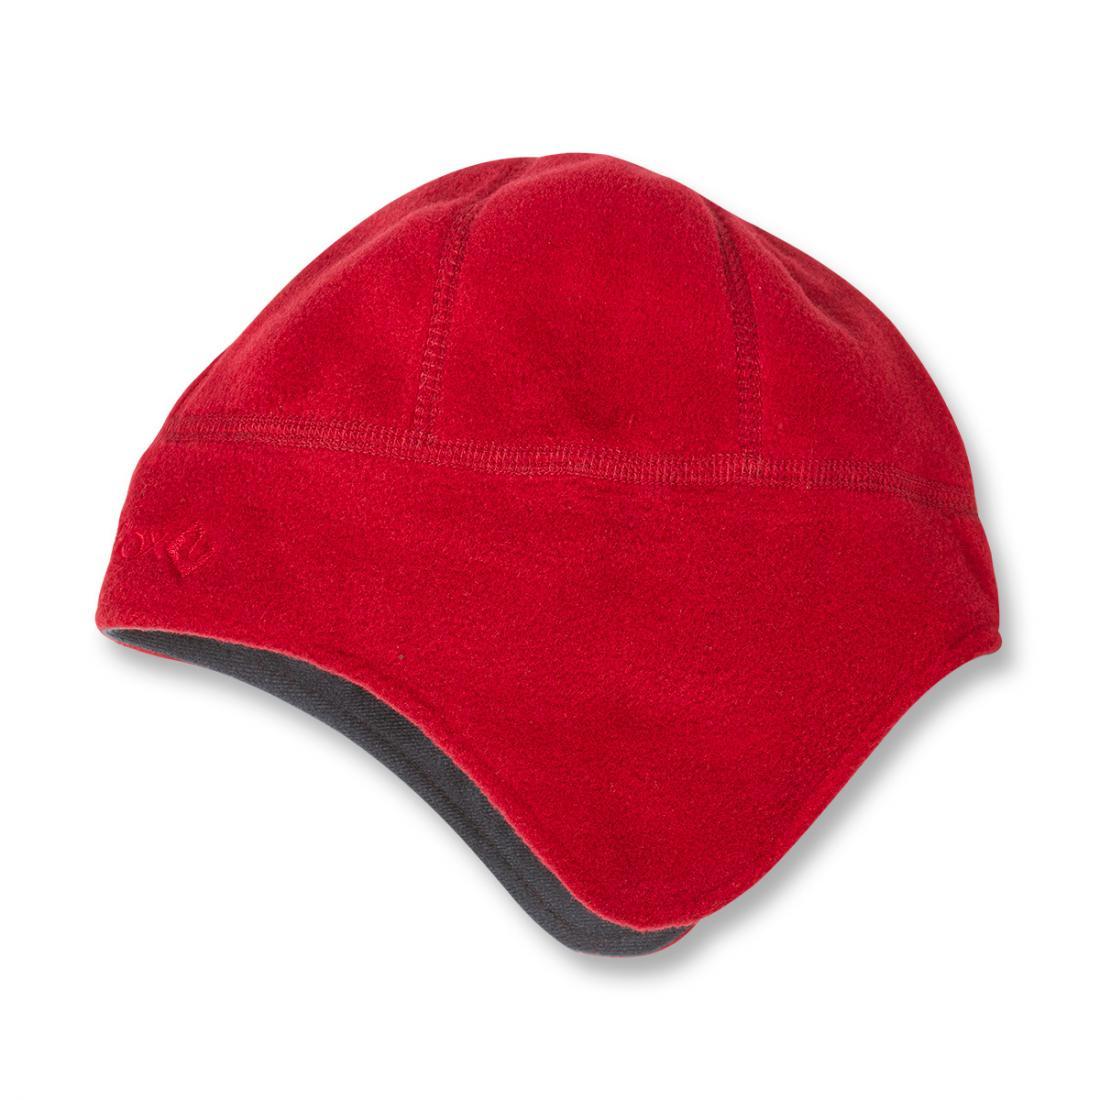 Шапка FiordШапки<br><br> Теплая непродуваемая шапка из материала Polartec®Windbloc®.<br><br><br> Основные характеристики<br><br><br>облегающий анатомический крой<br>особенный дизайн для дополнительной защиты ушей<br><br> Особенности<br><br>&lt;...<br><br>Цвет: Красный<br>Размер: 56